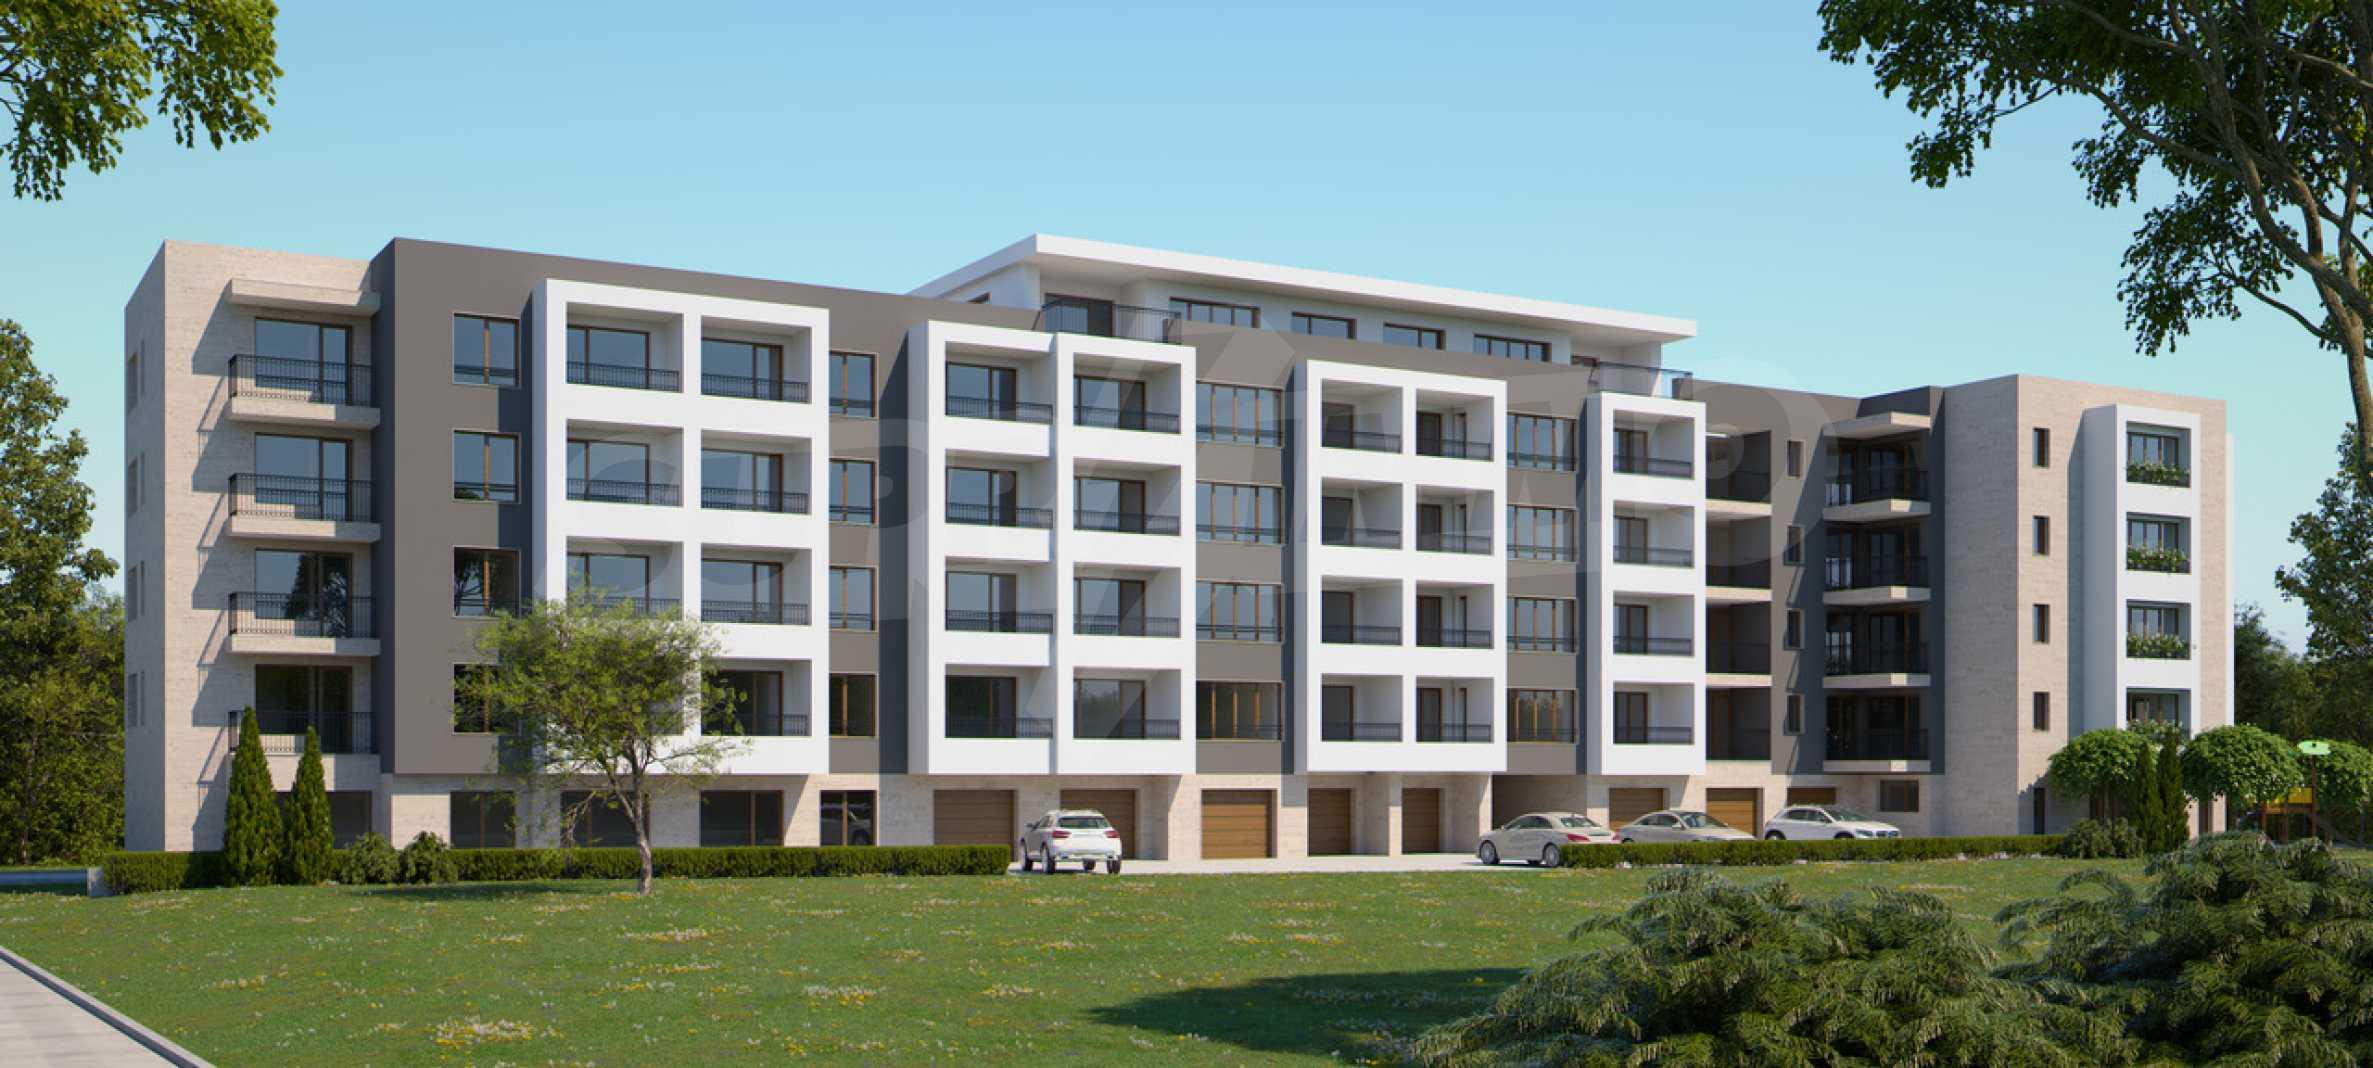 Двустаен апартамент в нова сграда на тиха улица до бул. България 3